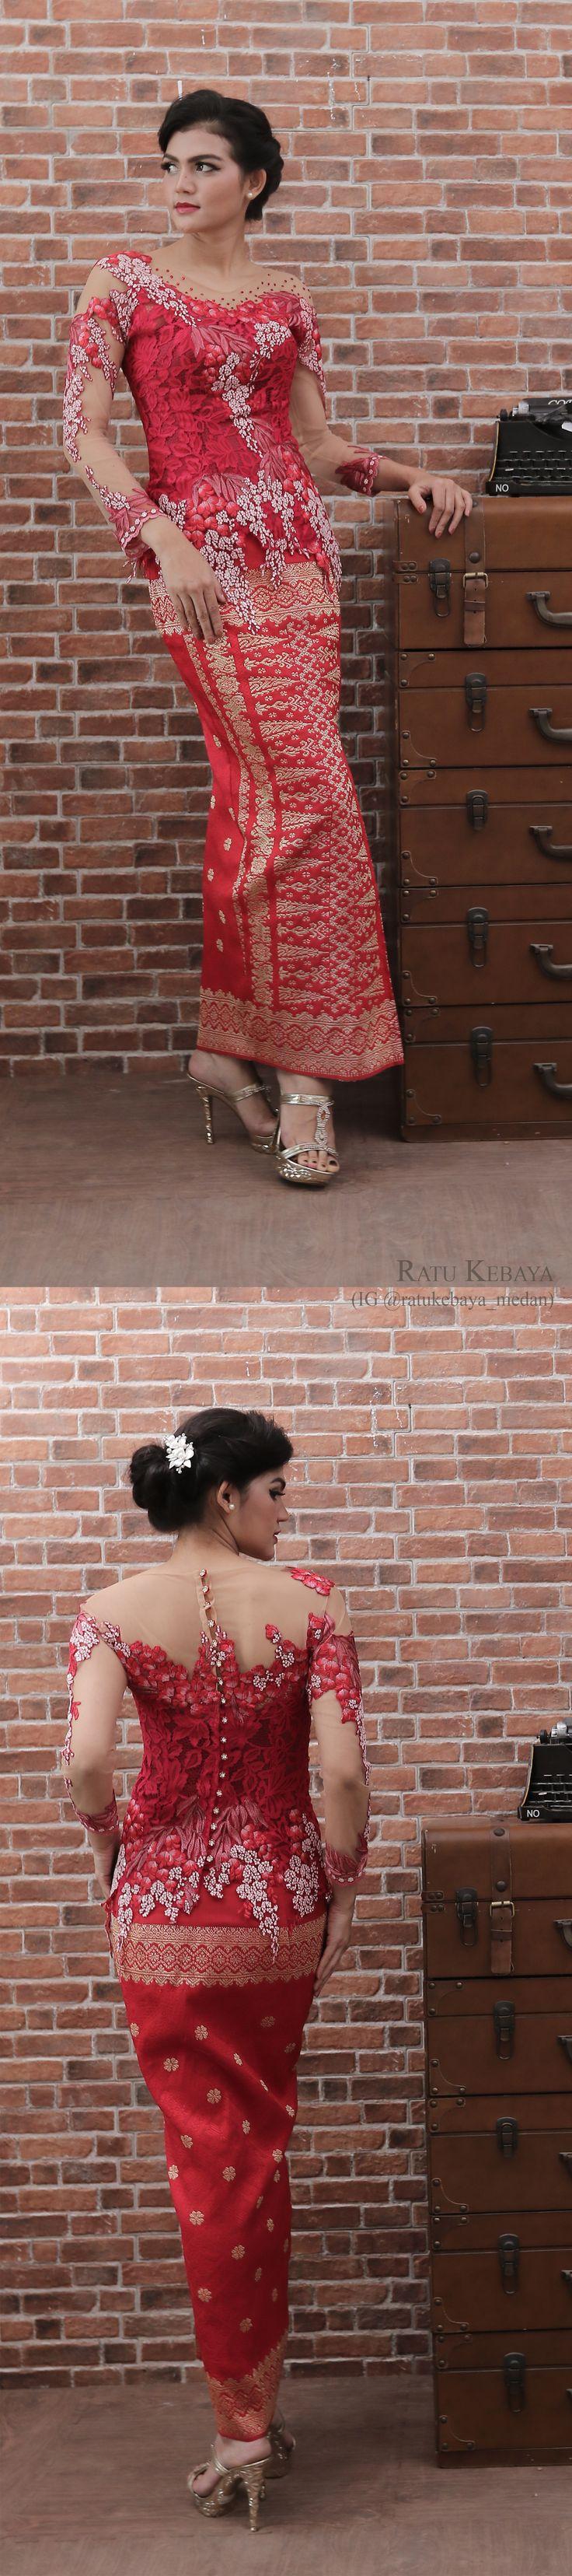 Inspirasi kebaya merah dengan balutan rok songket Palembang (IG @ratukebaya_medan)